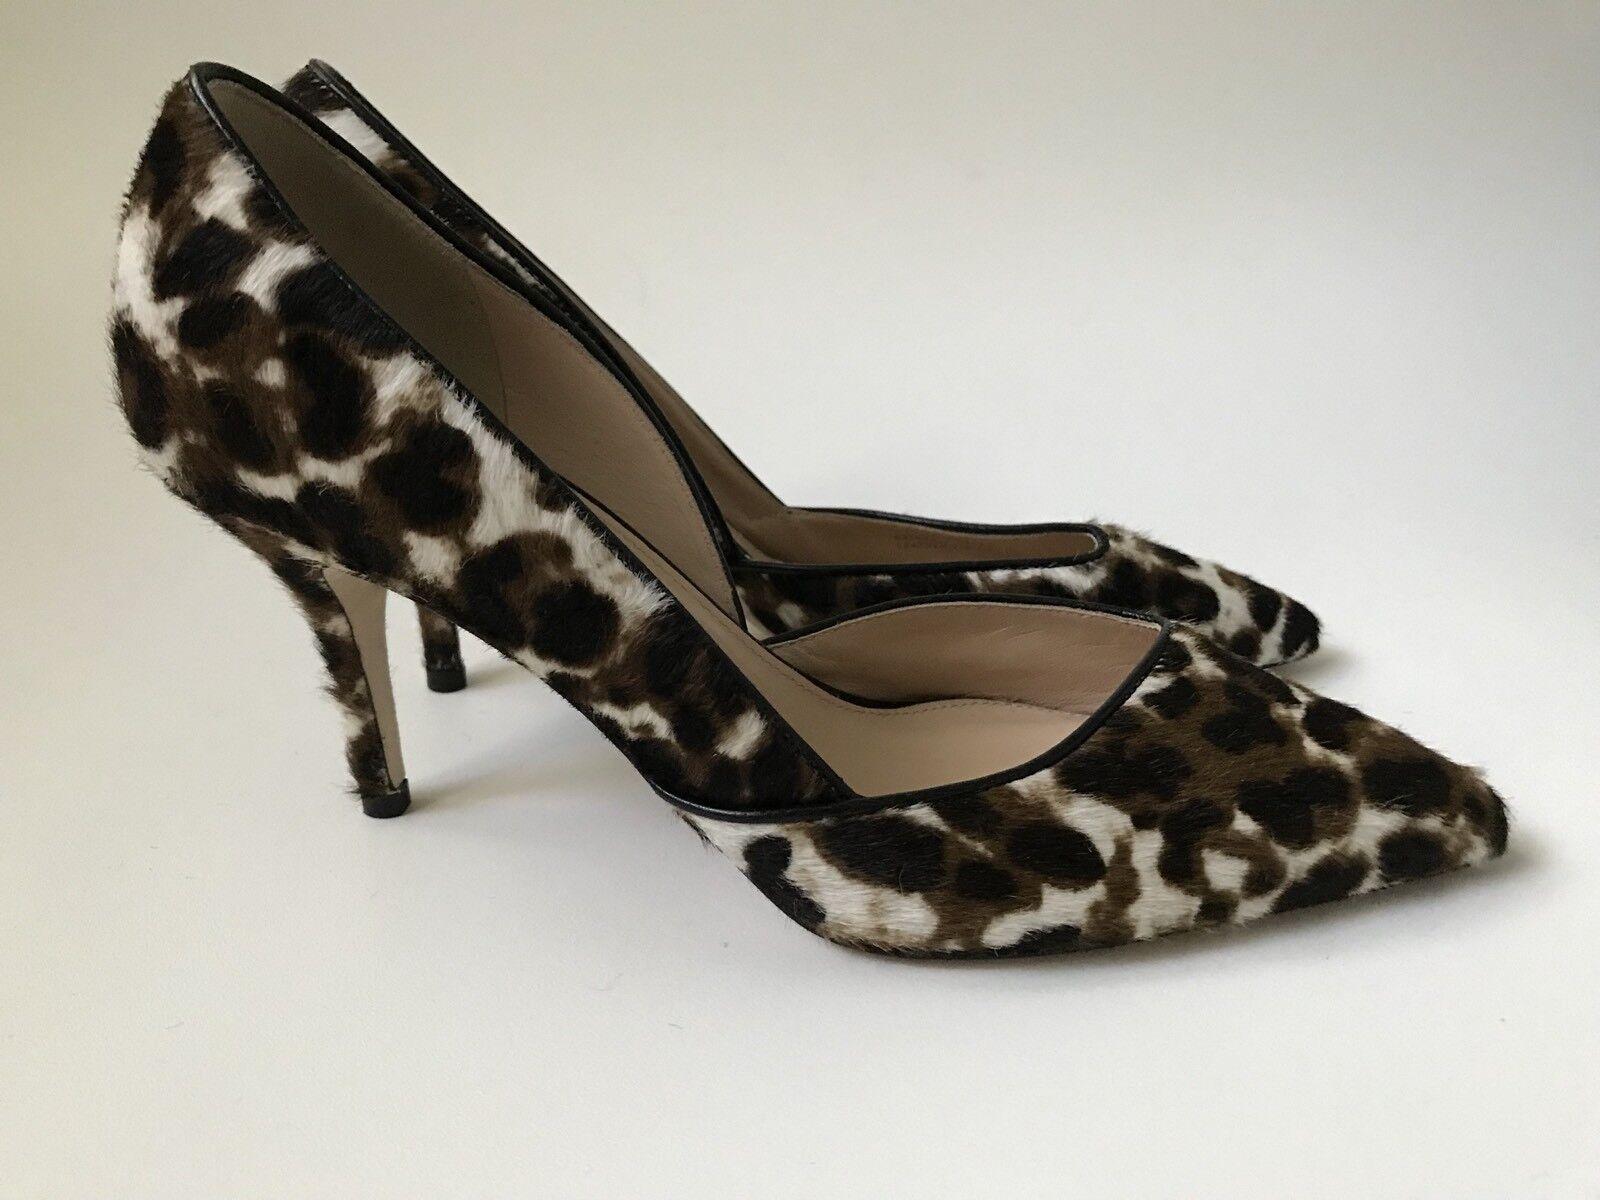 JCrew Collection Colette Calf Hair D'Orsay pumps e0776 $378 $378 e0776  sienna black Sz 7 677228